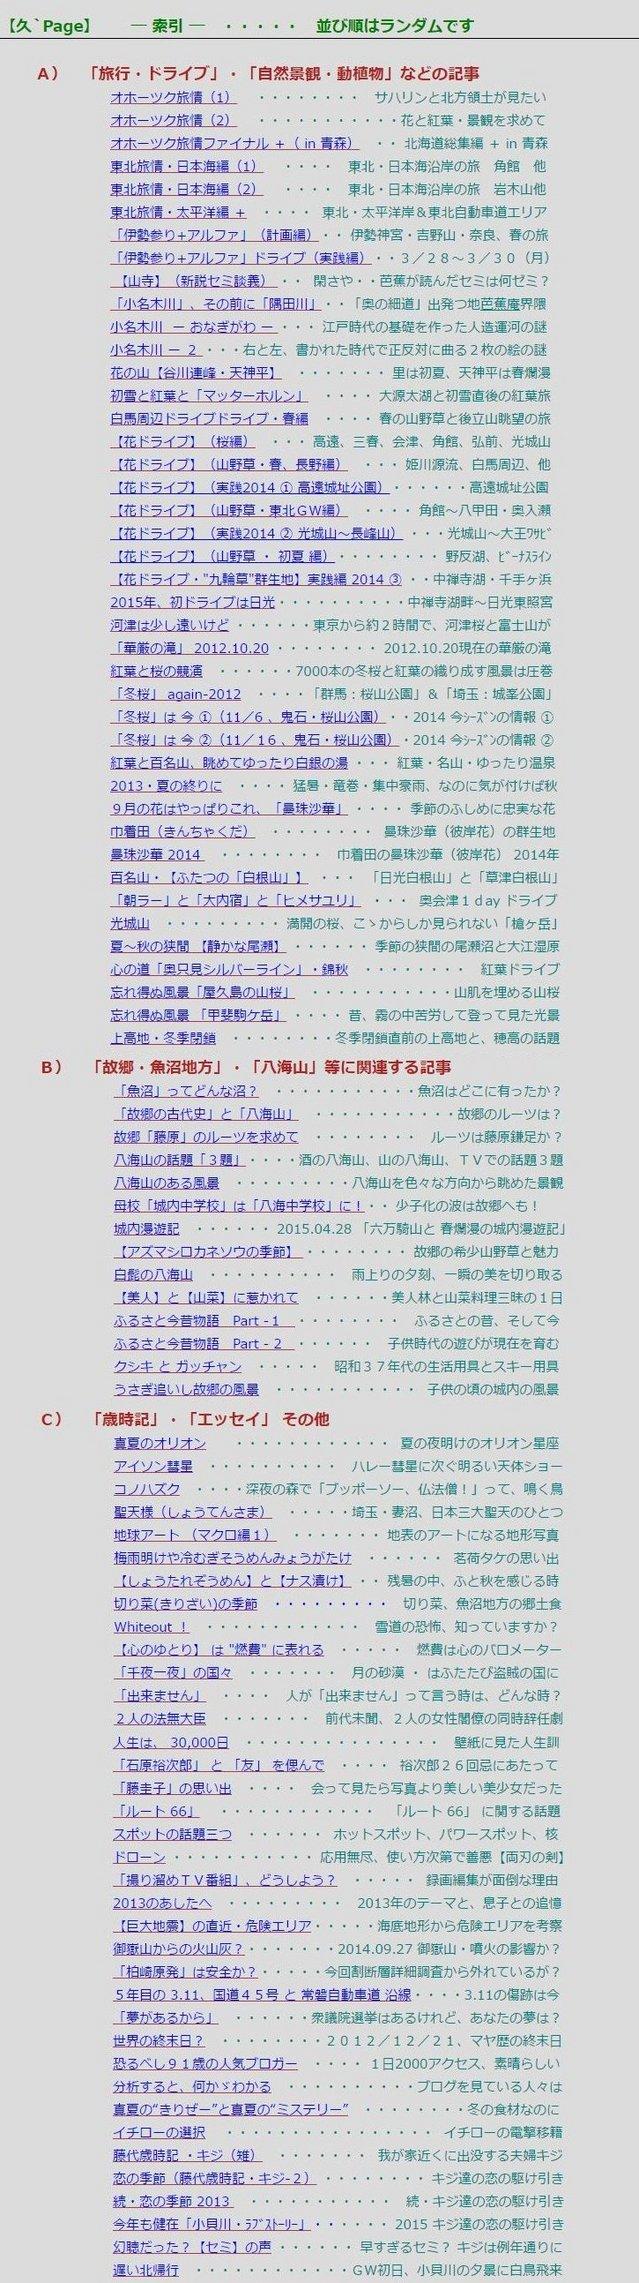 久Page【目次】 2016.06.11現在.JPG